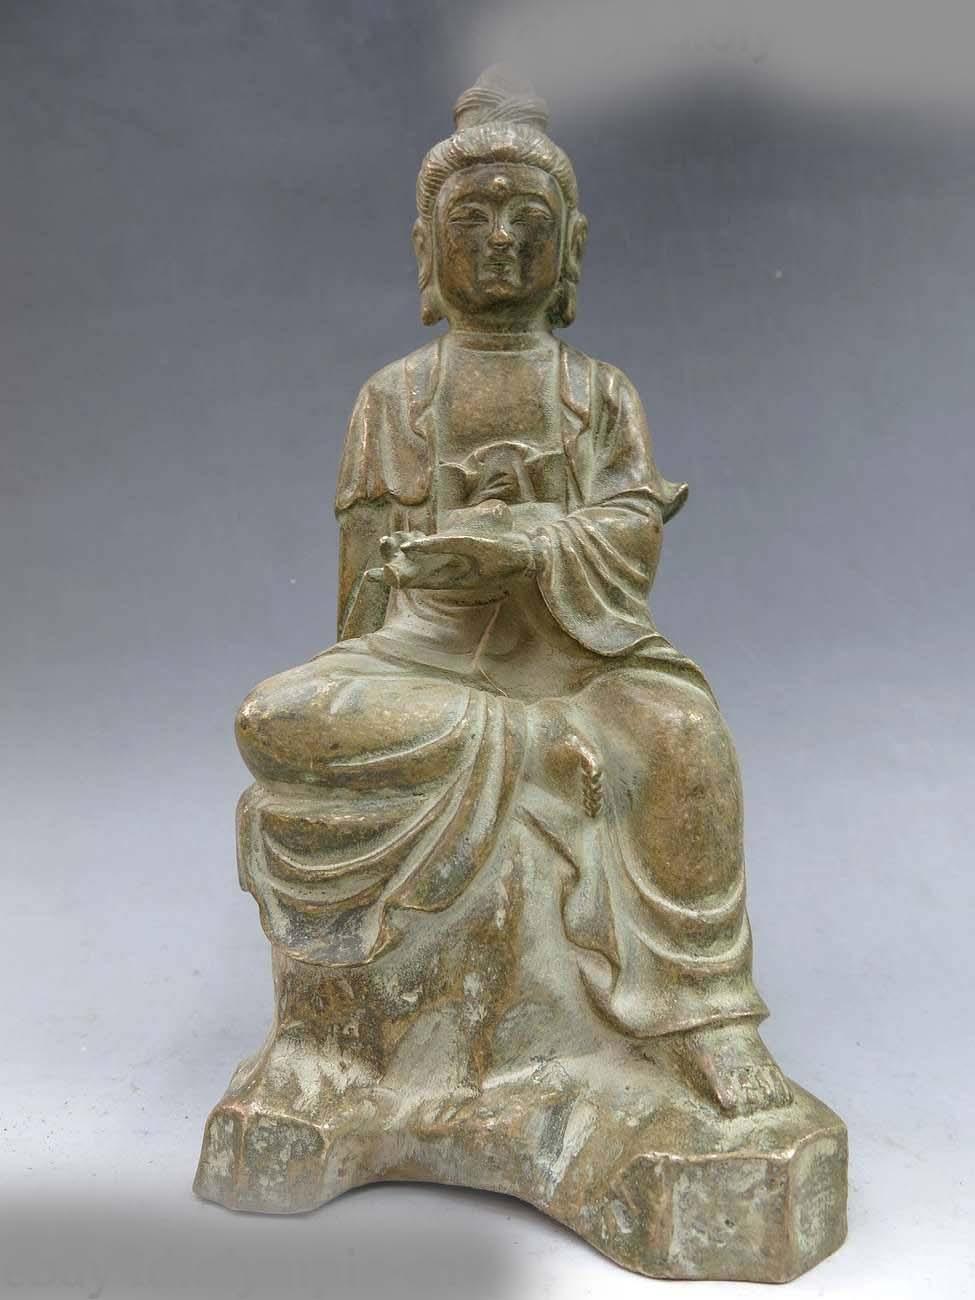 DS 9 China bronze old carved beautiful buddhism comfortable Kwan-yin buddha StatueDS 9 China bronze old carved beautiful buddhism comfortable Kwan-yin buddha Statue